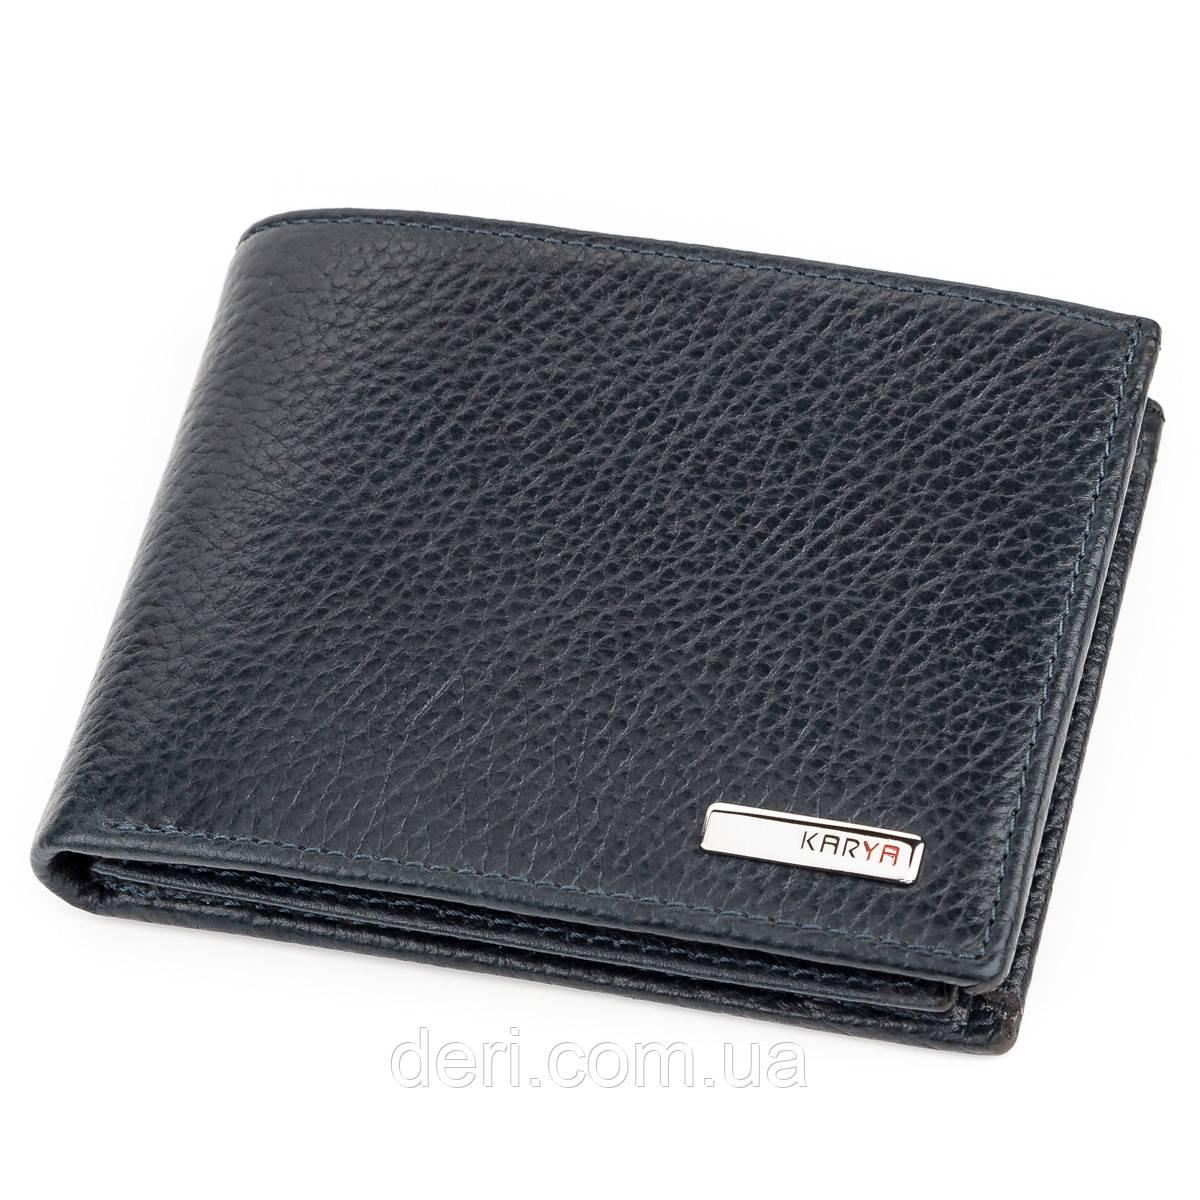 Мужской стильный бумажник из натуральной кожи